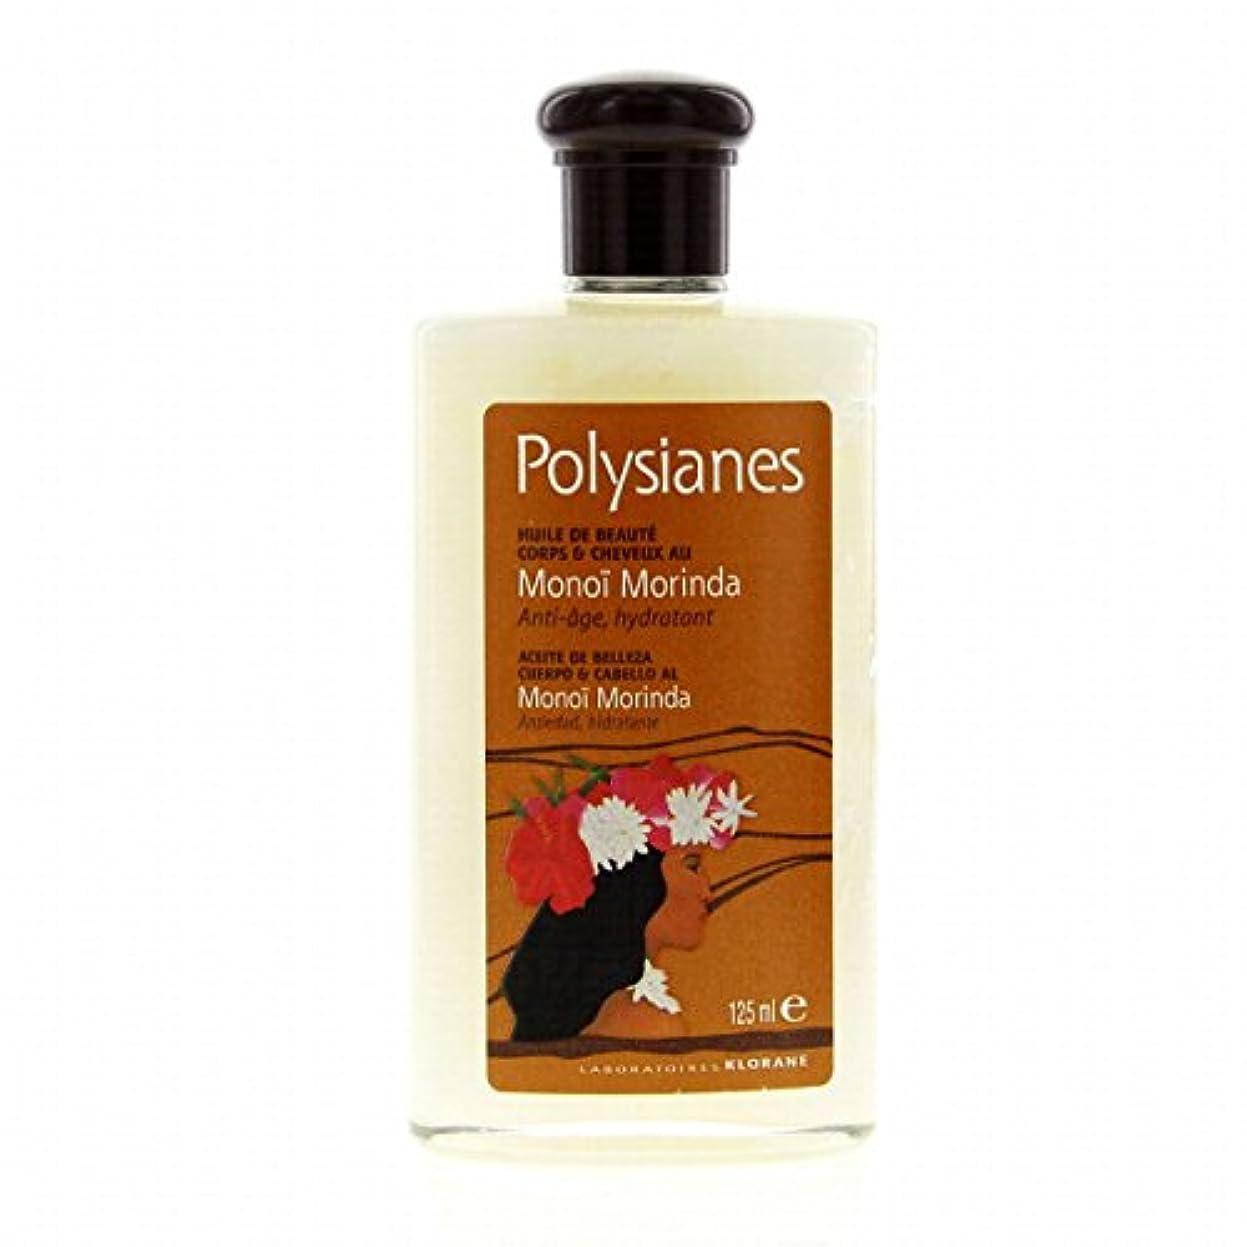 イディオム禁止するウイルスPolysianes Beauty Oil With Morinda Mono Body And Hair 125ml [並行輸入品]